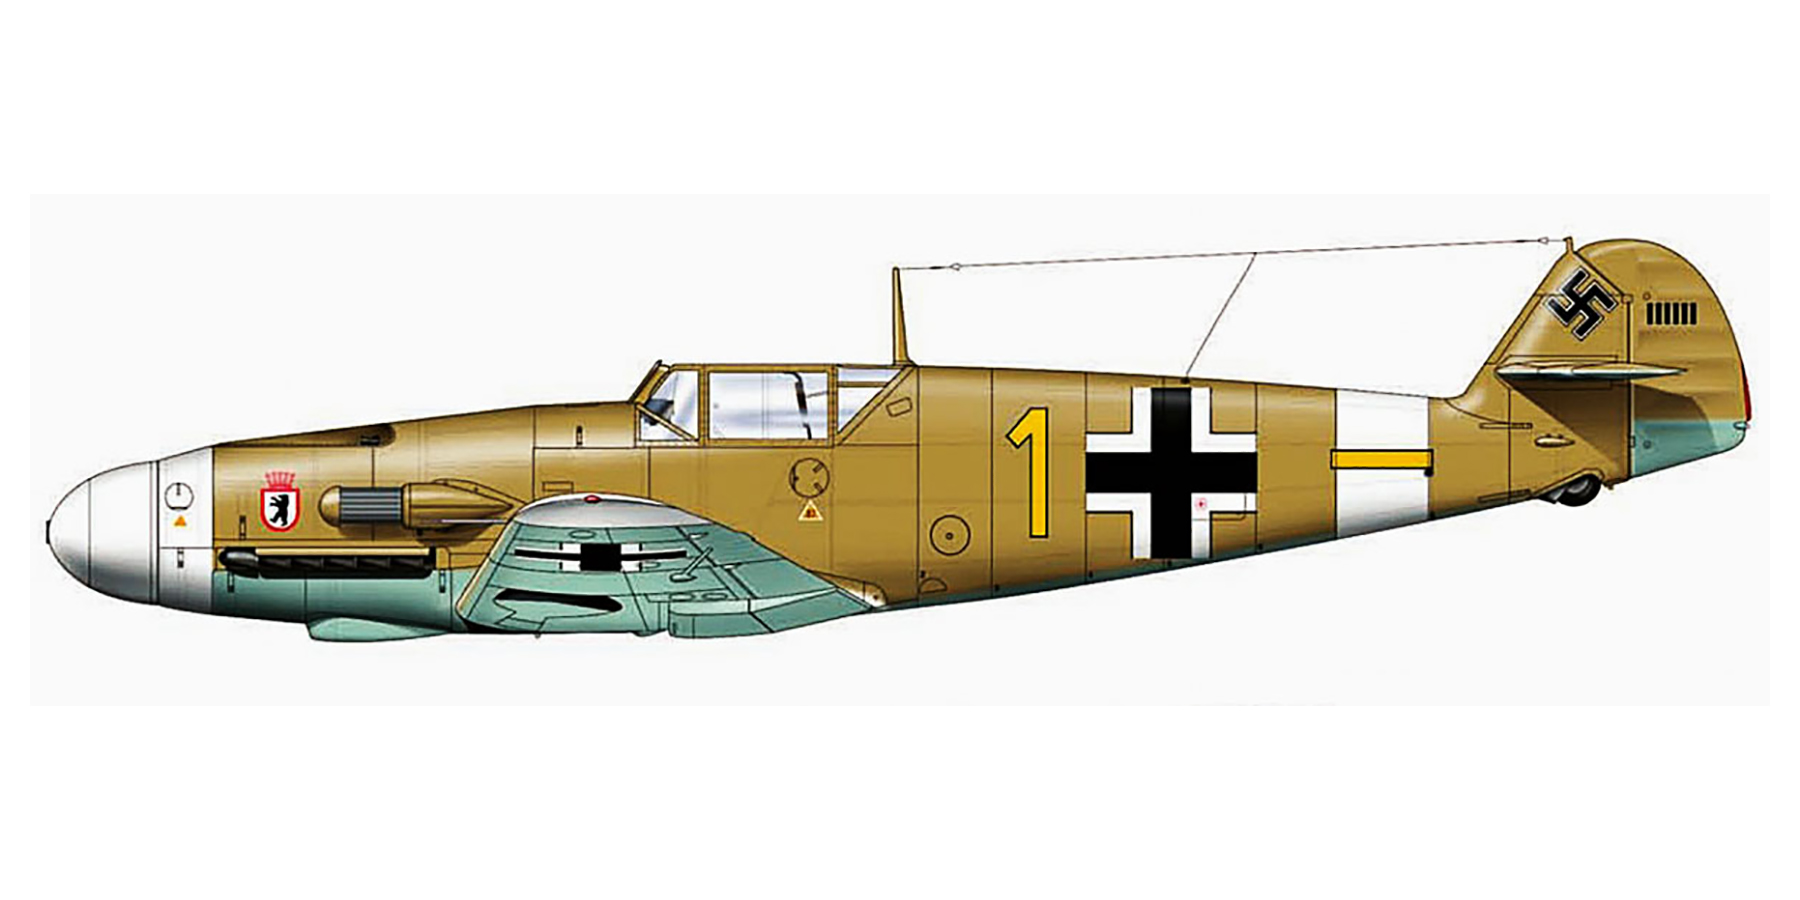 Messerschmitt Bf 109F4Trop 6.JG27 Yellow 1 Rudolf Rudi Sinner Tmimi Jun 1942 0D